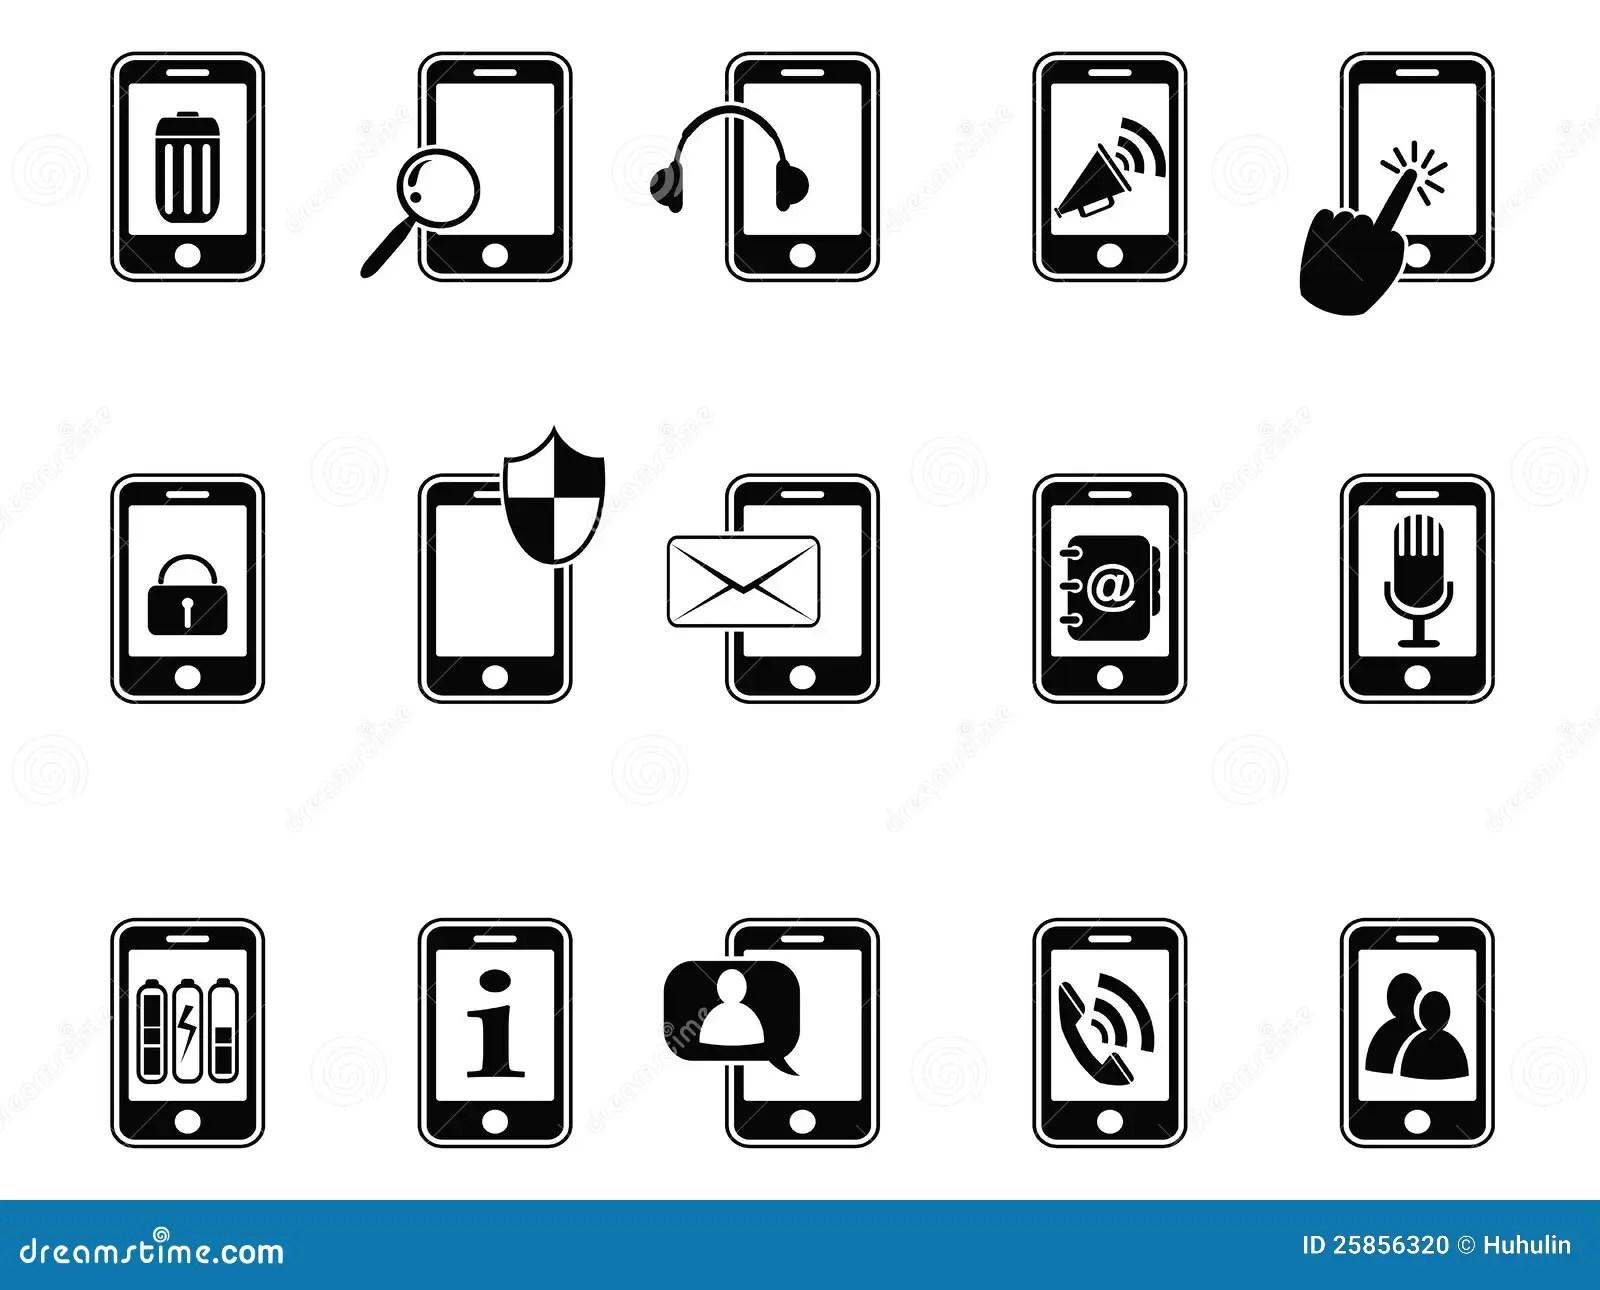 Svarta Symboler For Mobil Telefon Vektor Illustrationer